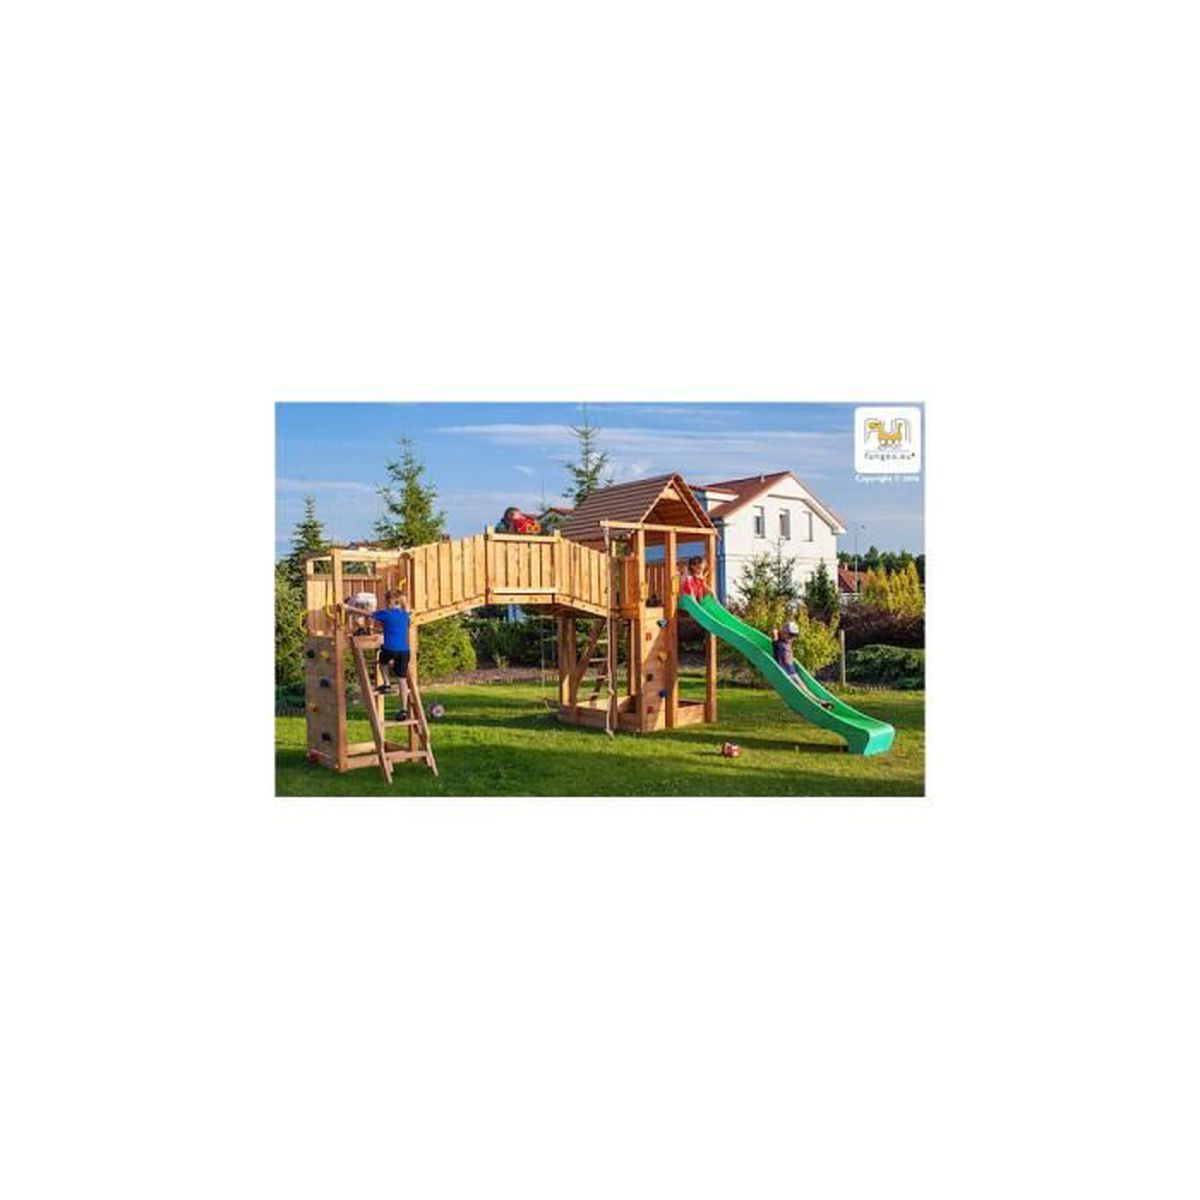 station de jeu en bois achat vente jeux et jouets pas chers. Black Bedroom Furniture Sets. Home Design Ideas